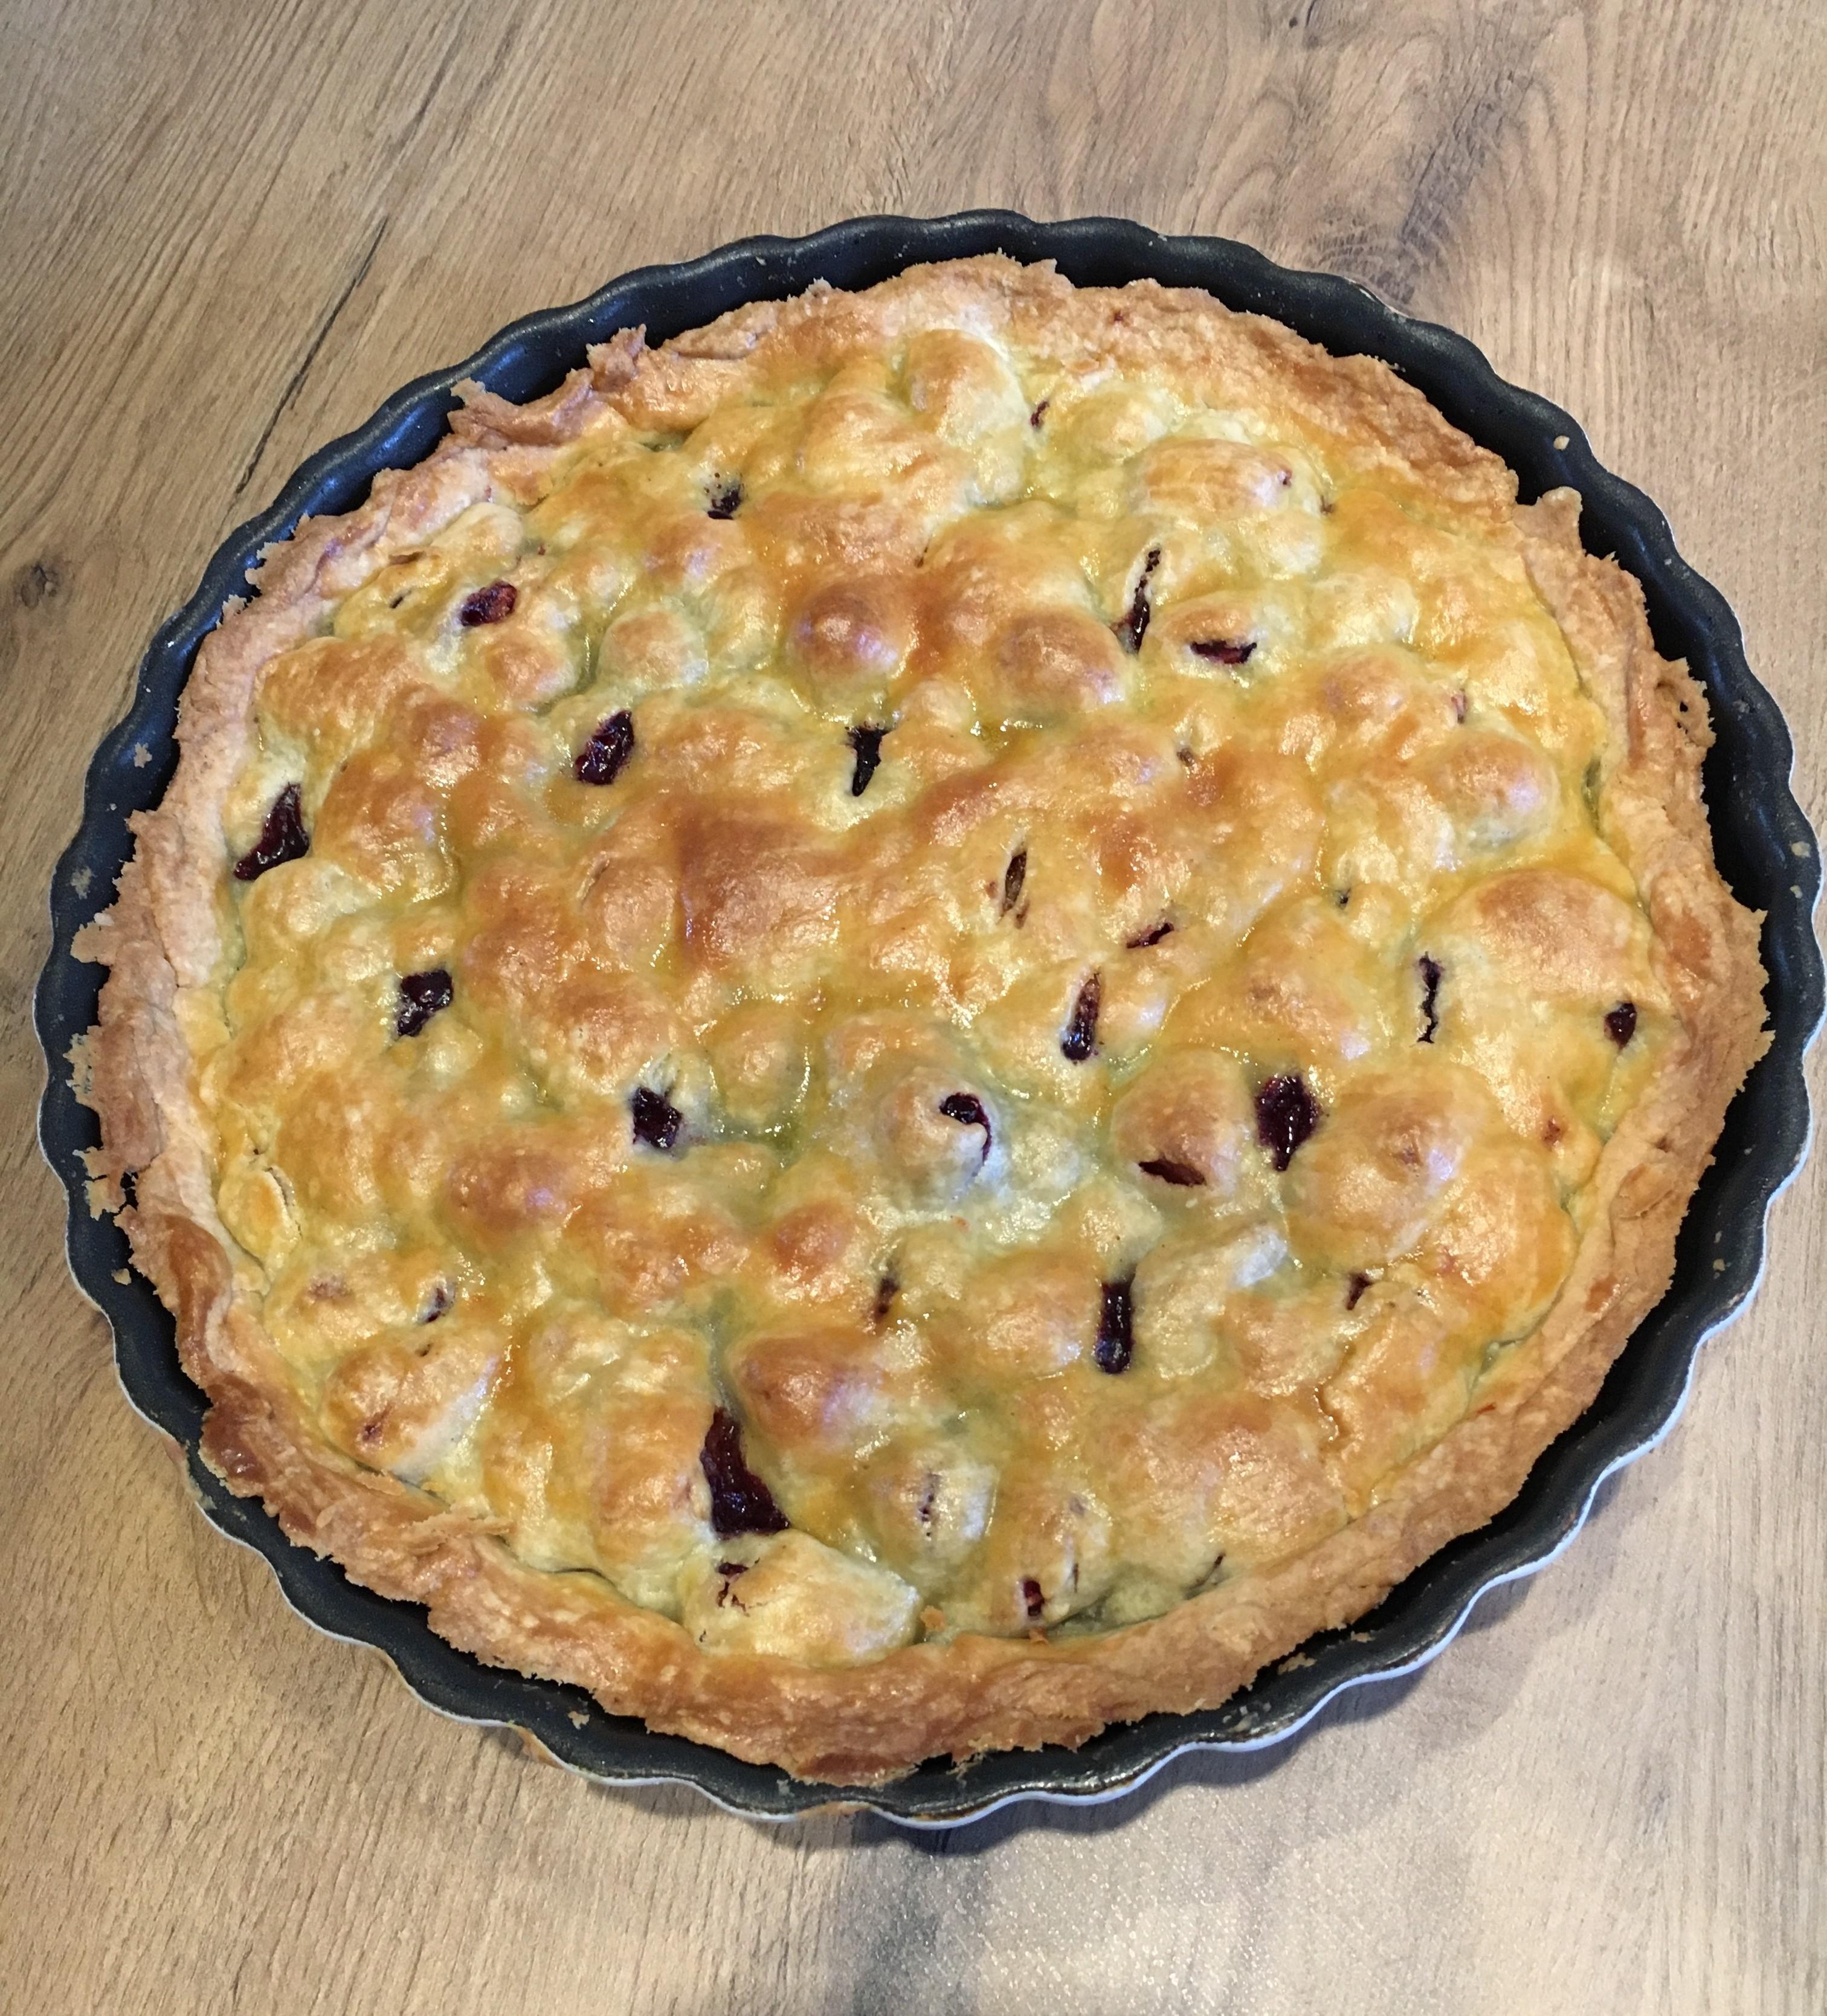 tærte med brombær, rababer og æbler